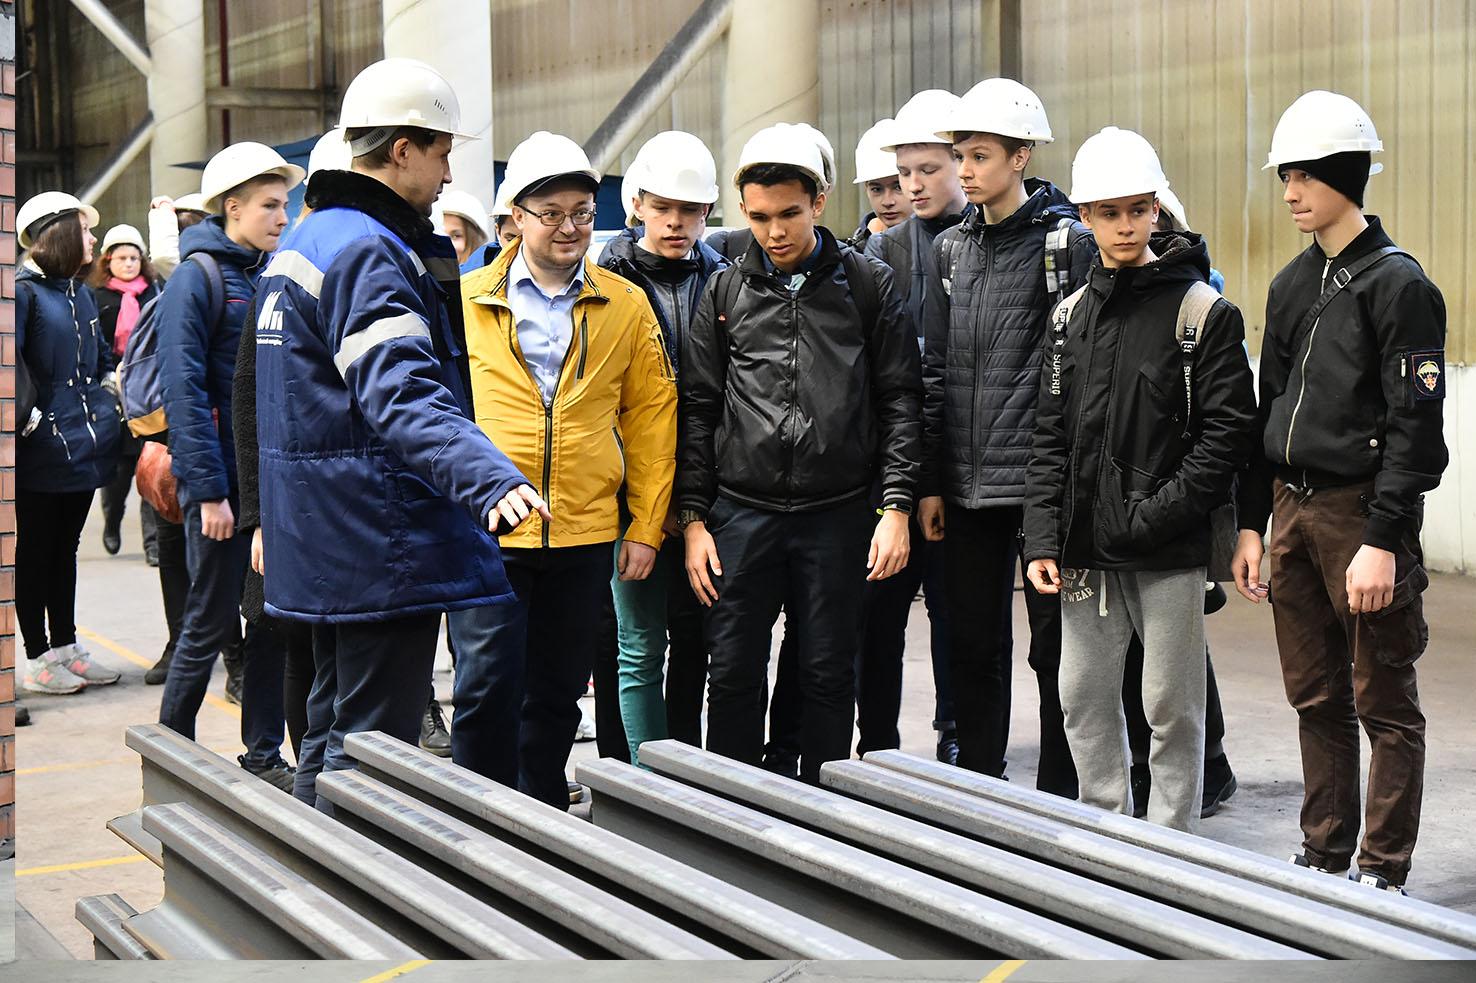 Челябинский металлургический комбинат (ПАО «ЧМК», входит в Группу «Мечел») принял участие во всер